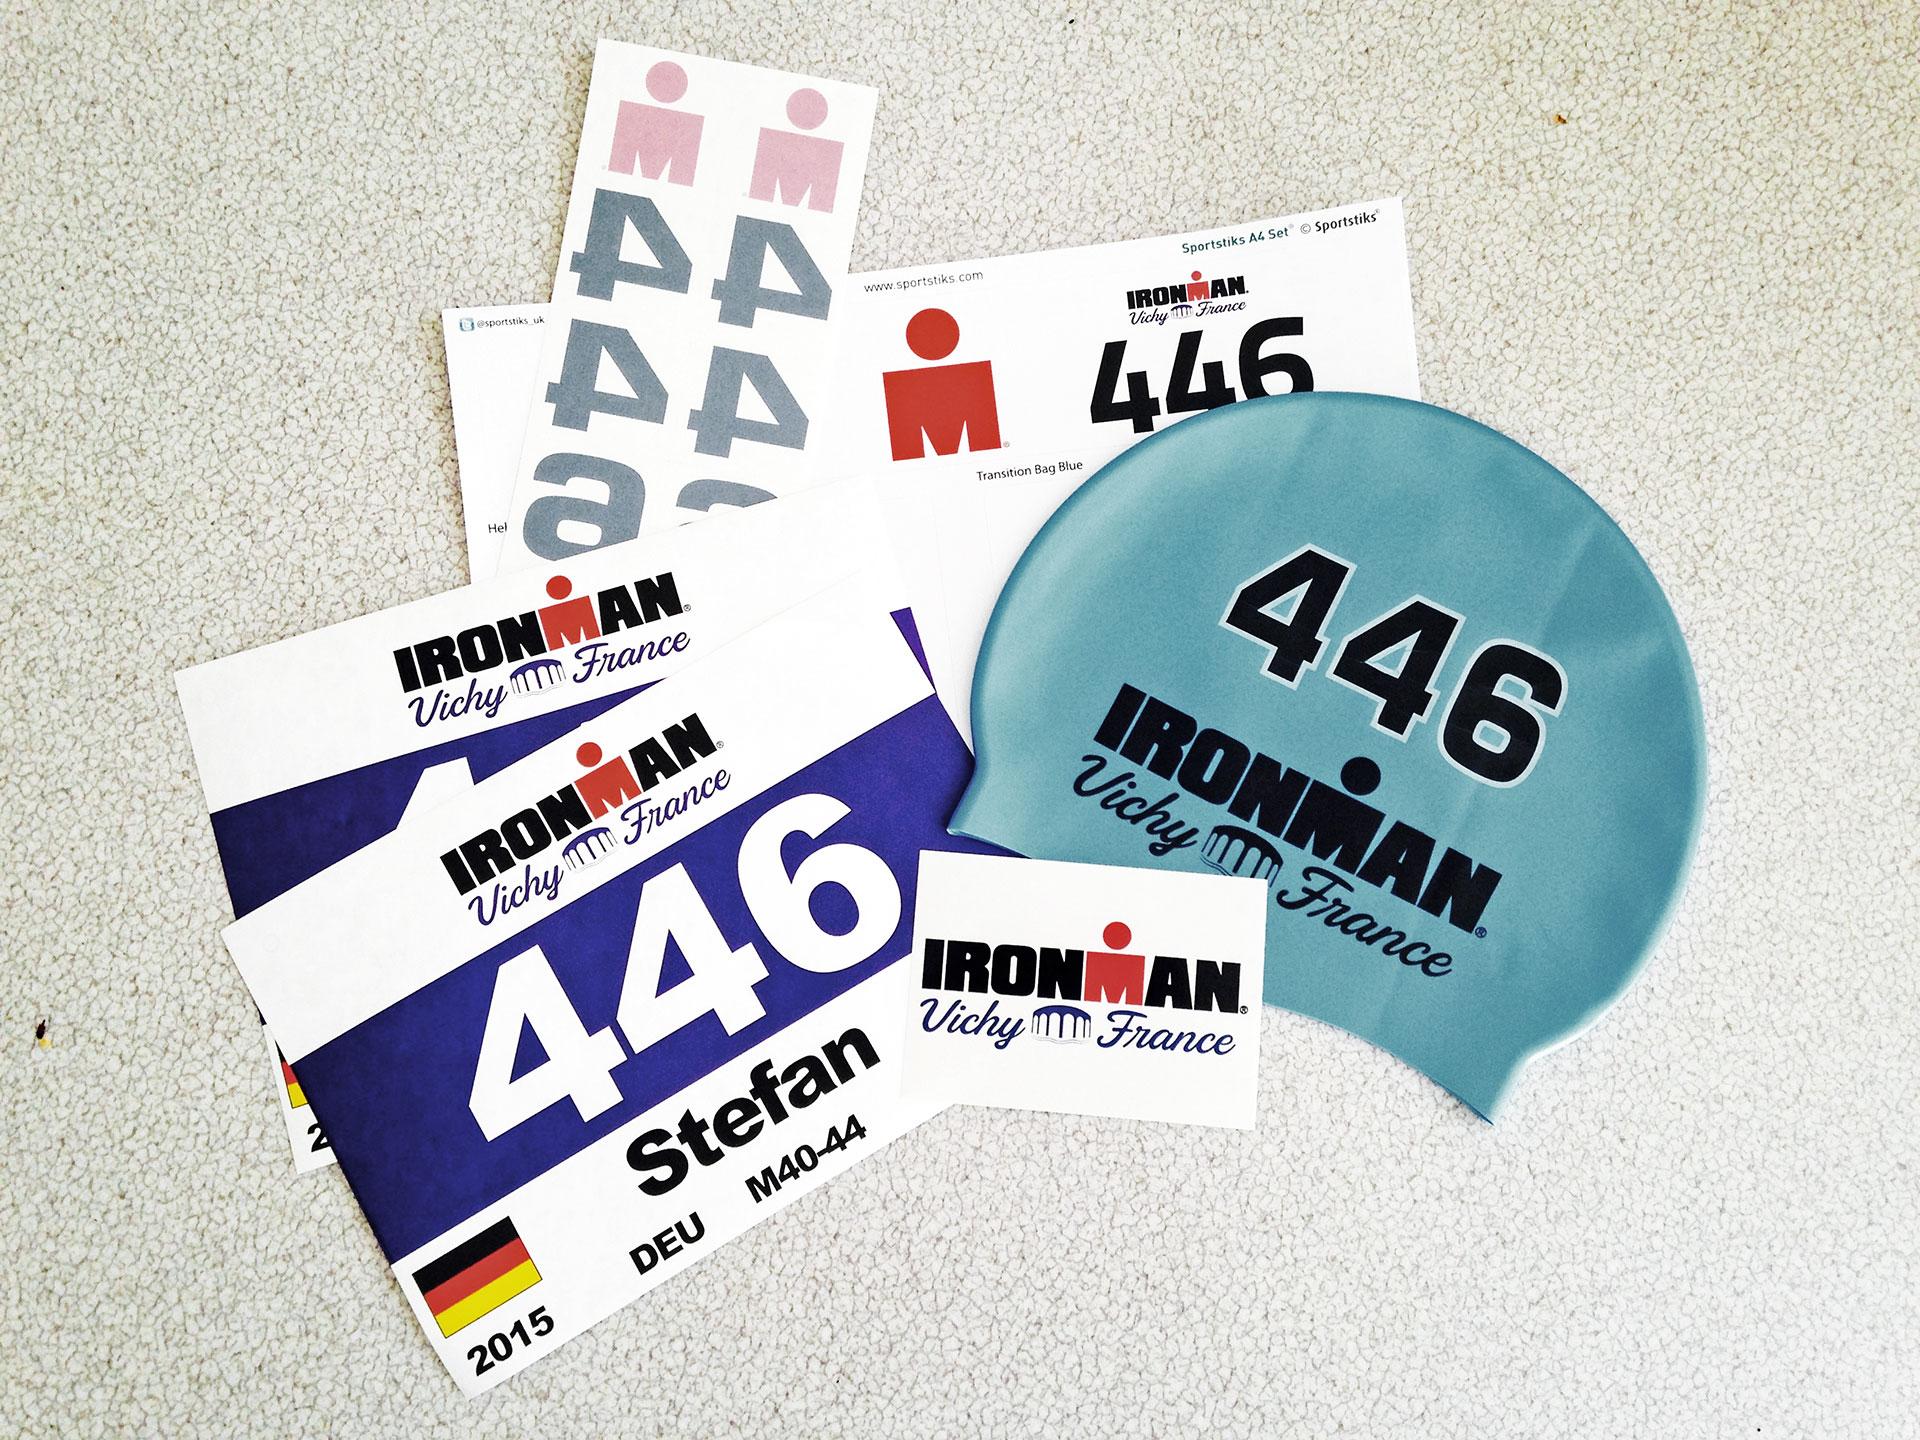 Jetzt zählt's: Startunterlagen - check! / Meine erste Langdistanz, IRONMAN Vichy 2015 © stefandrexl.de